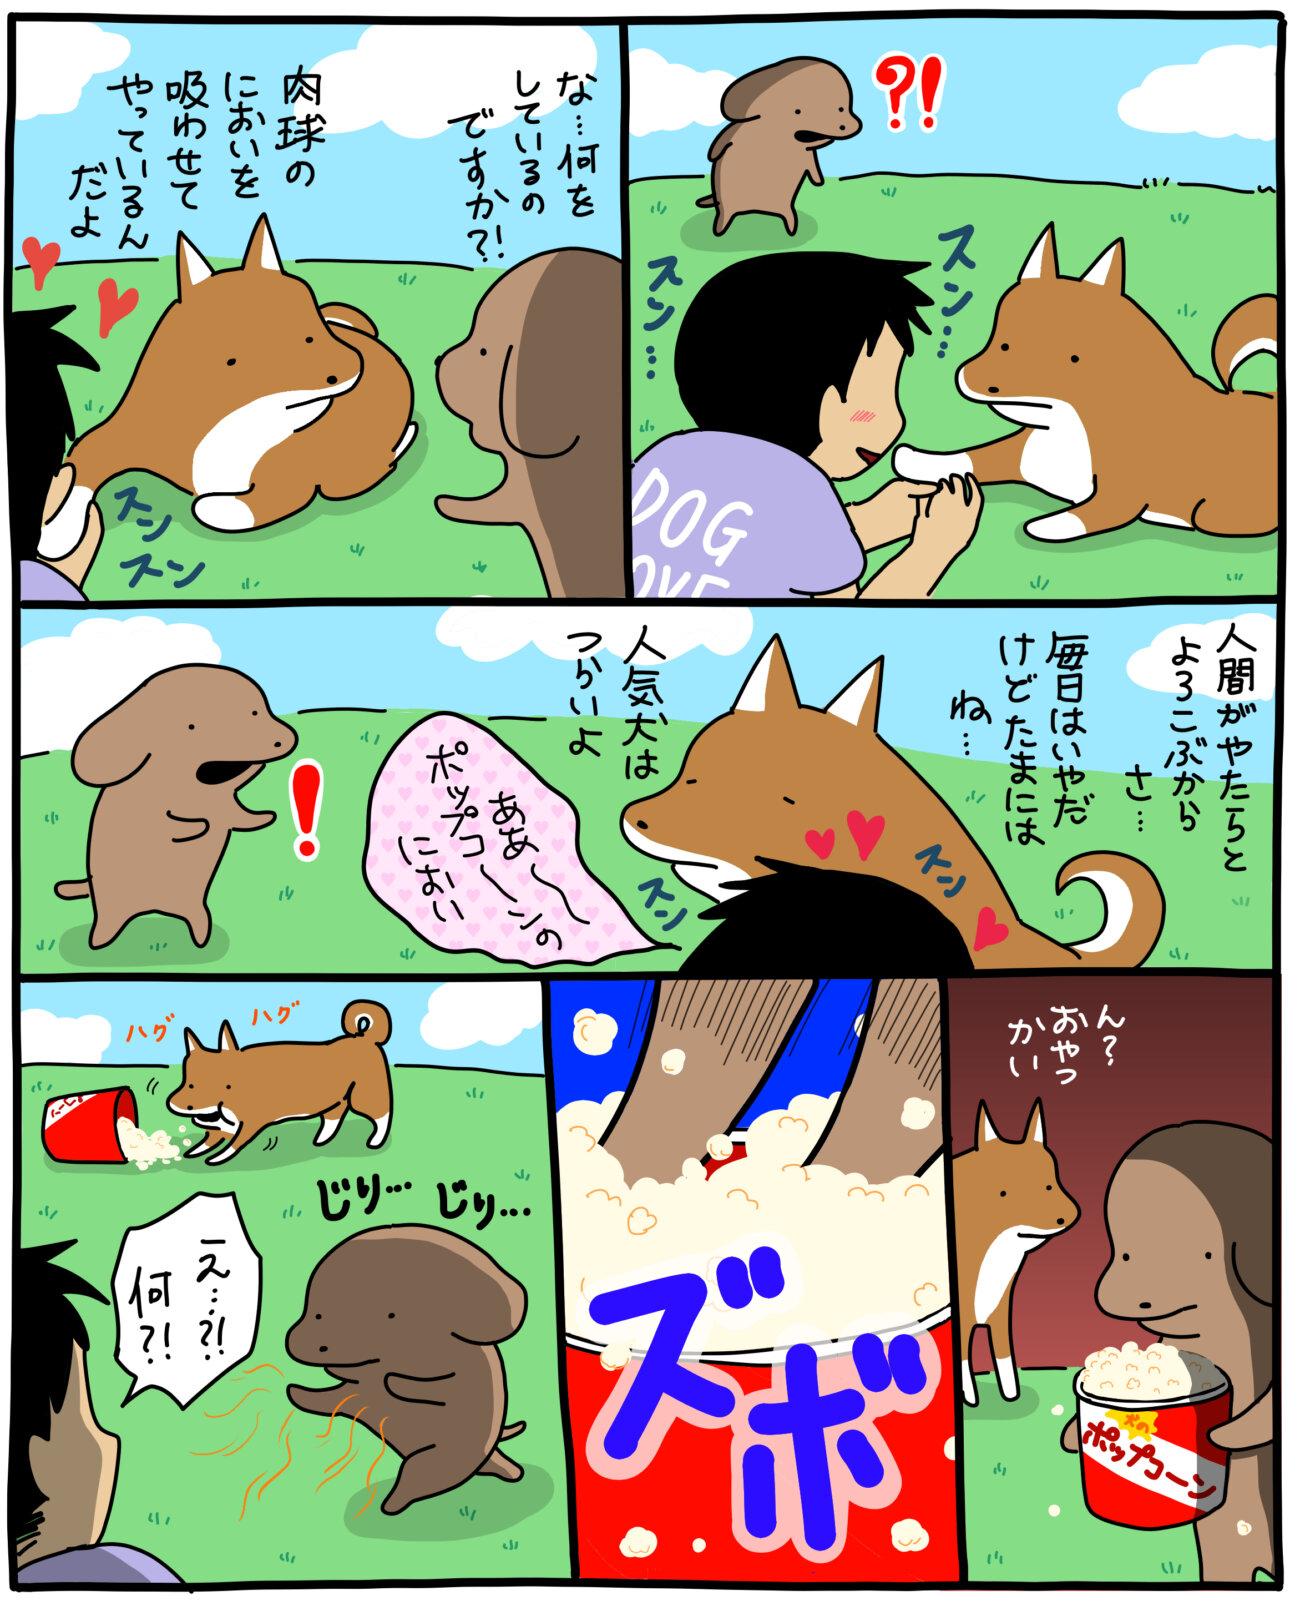 柴犬,うかうか,漫画